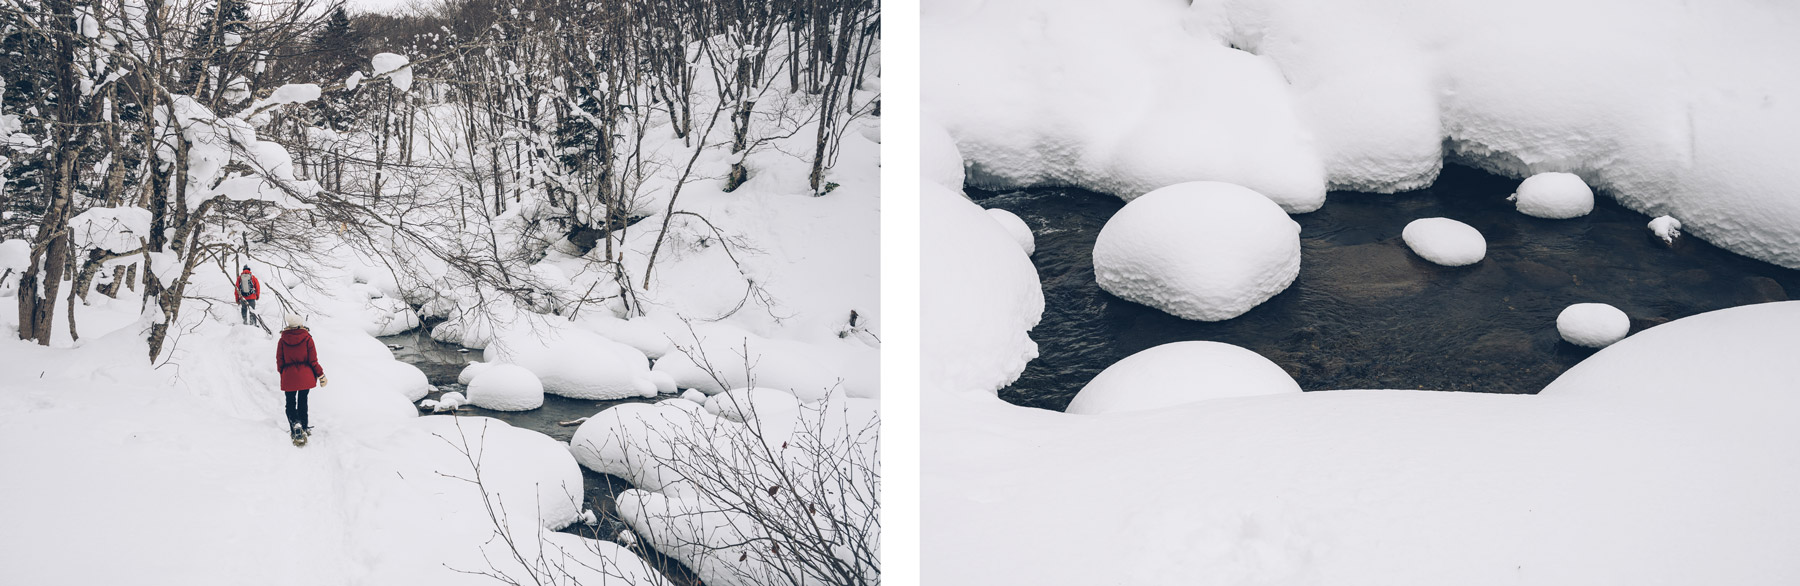 Rando raquette, Hokkaido